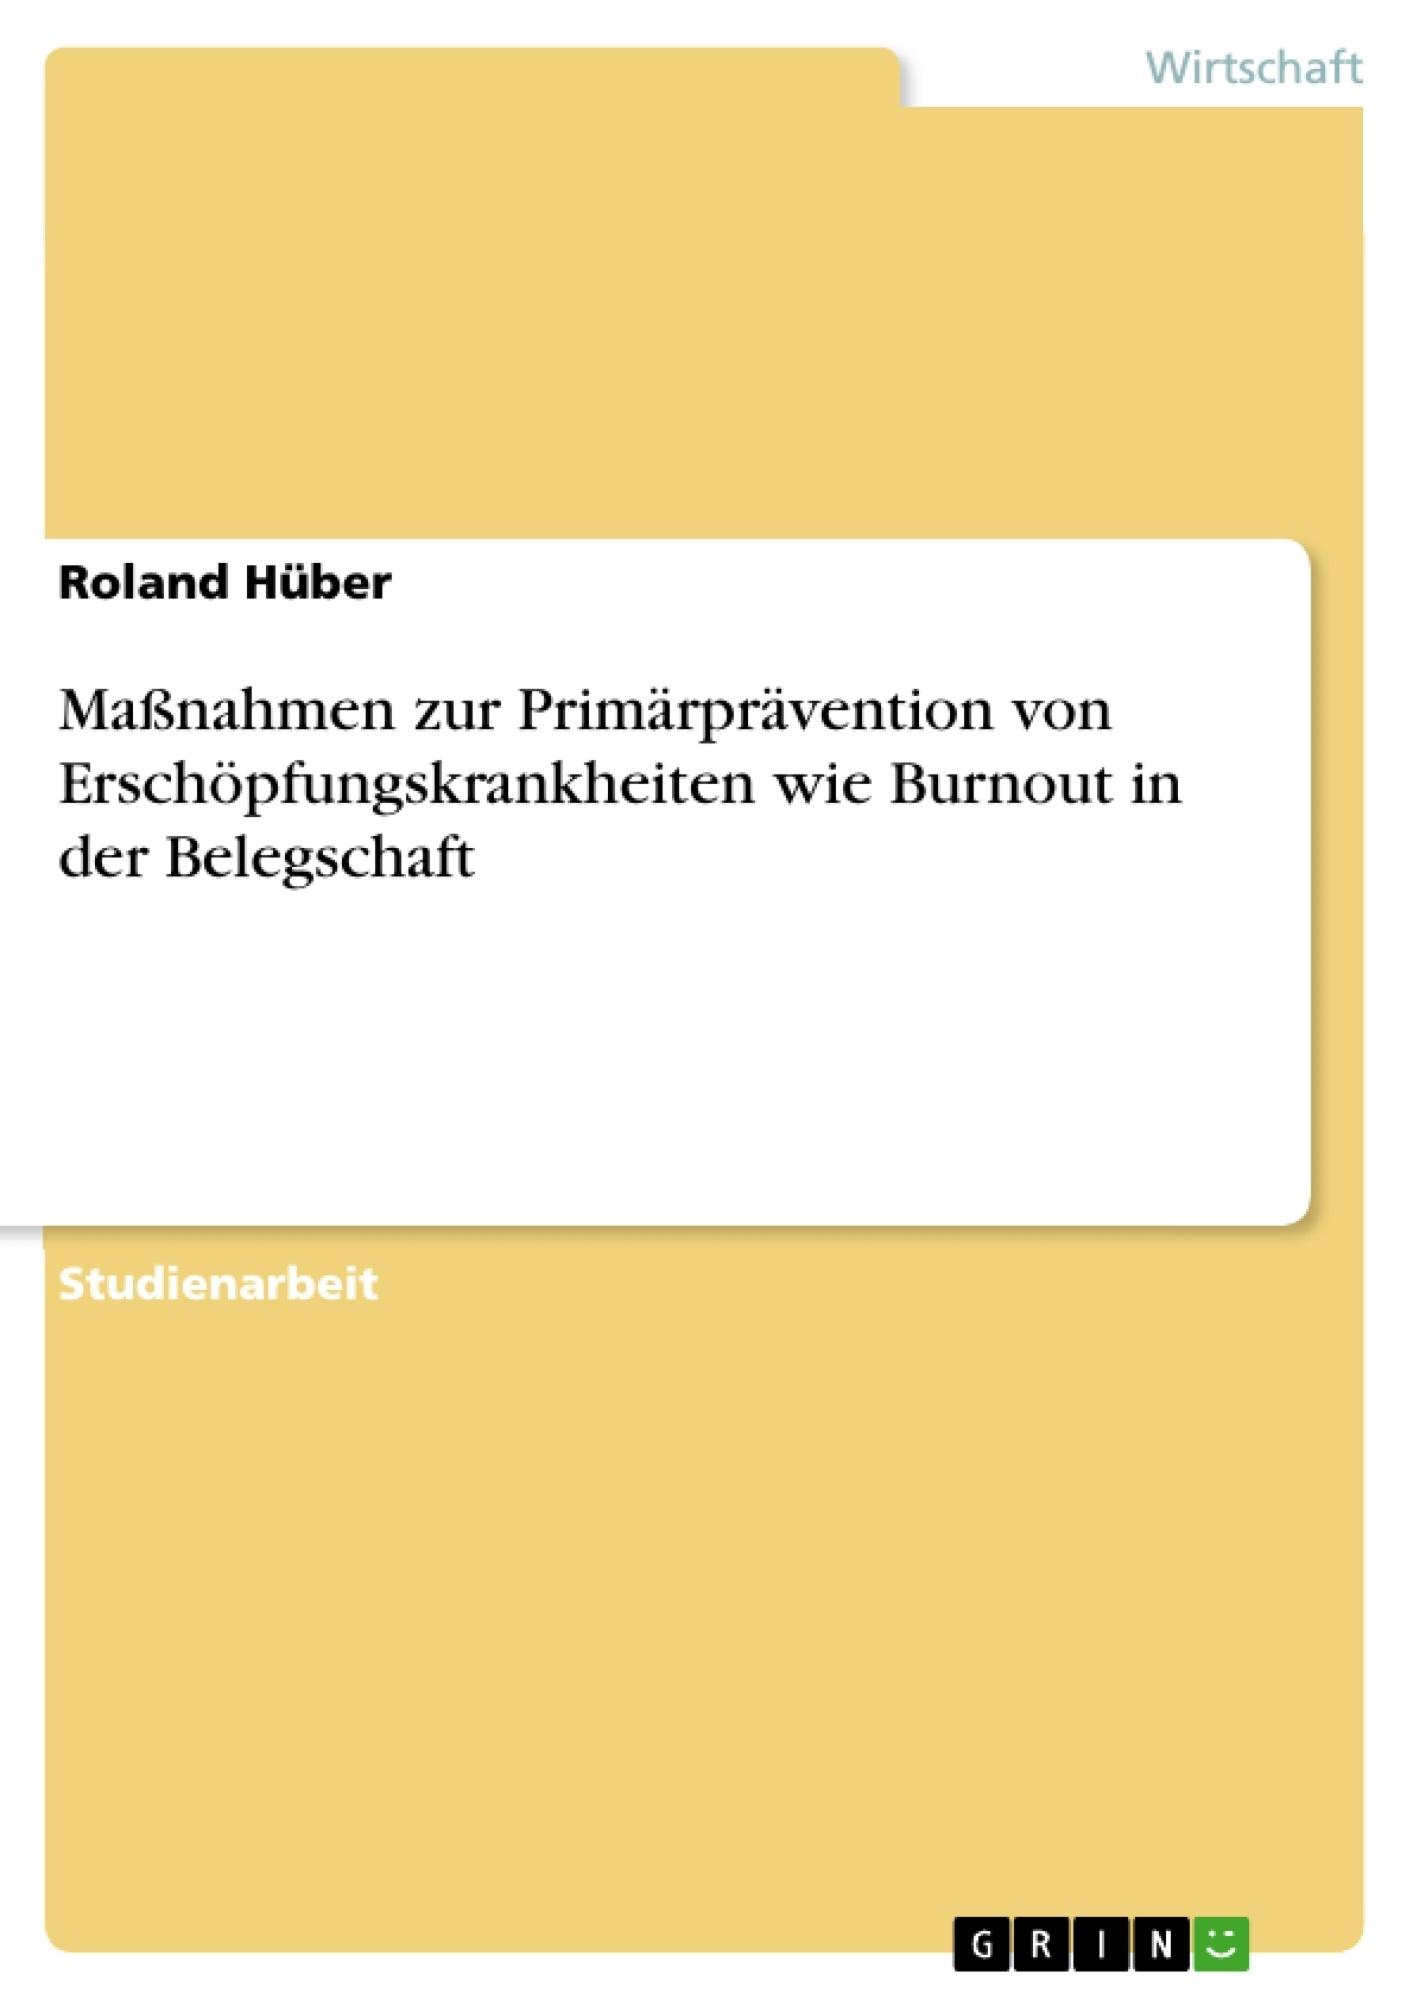 Titel: Maßnahmen zur Primärprävention von Erschöpfungskrankheiten wie Burnout in der Belegschaft